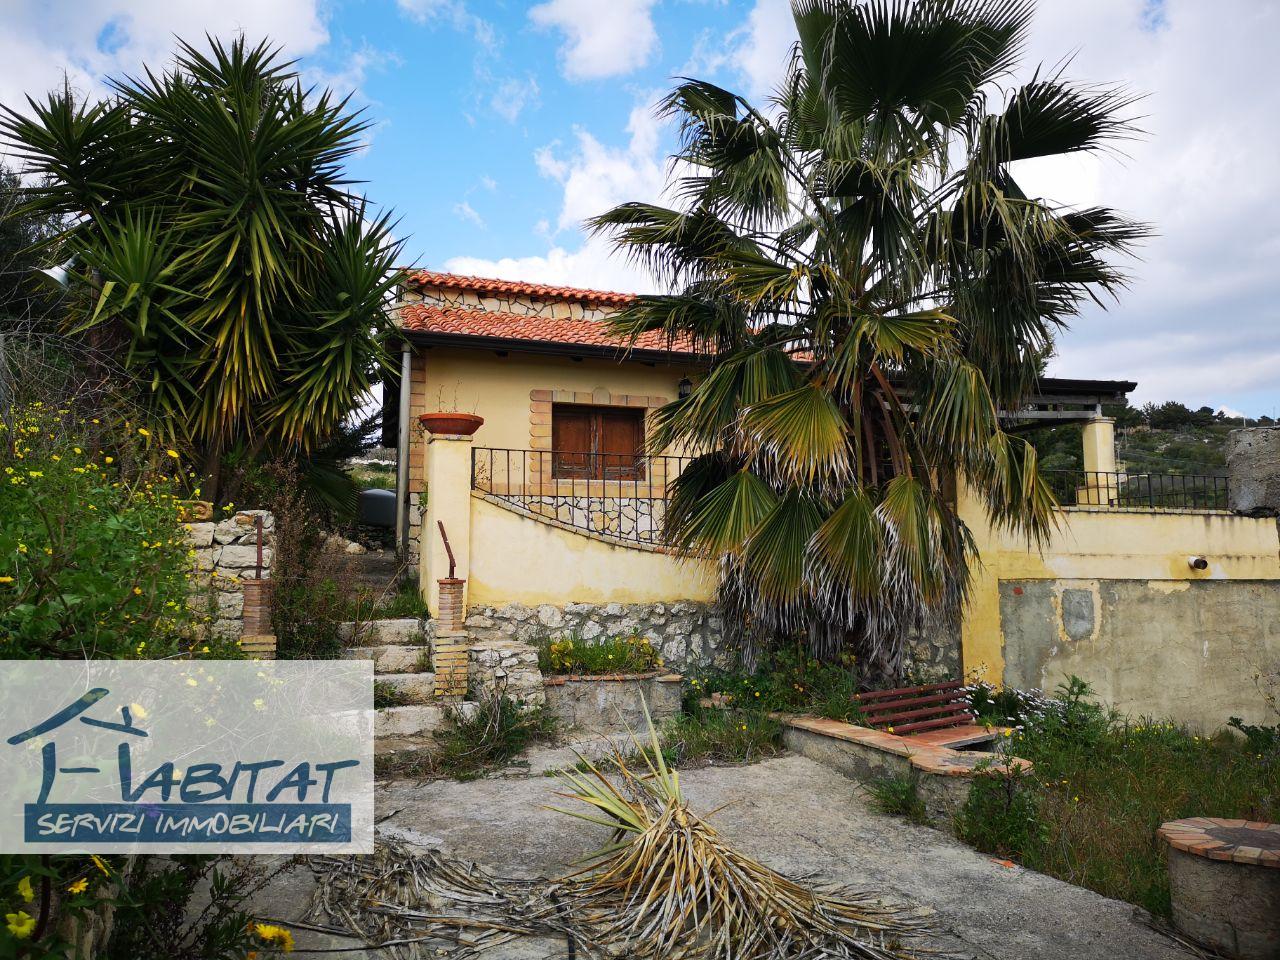 agrigento vendita quart: periferia habitat immobiliare